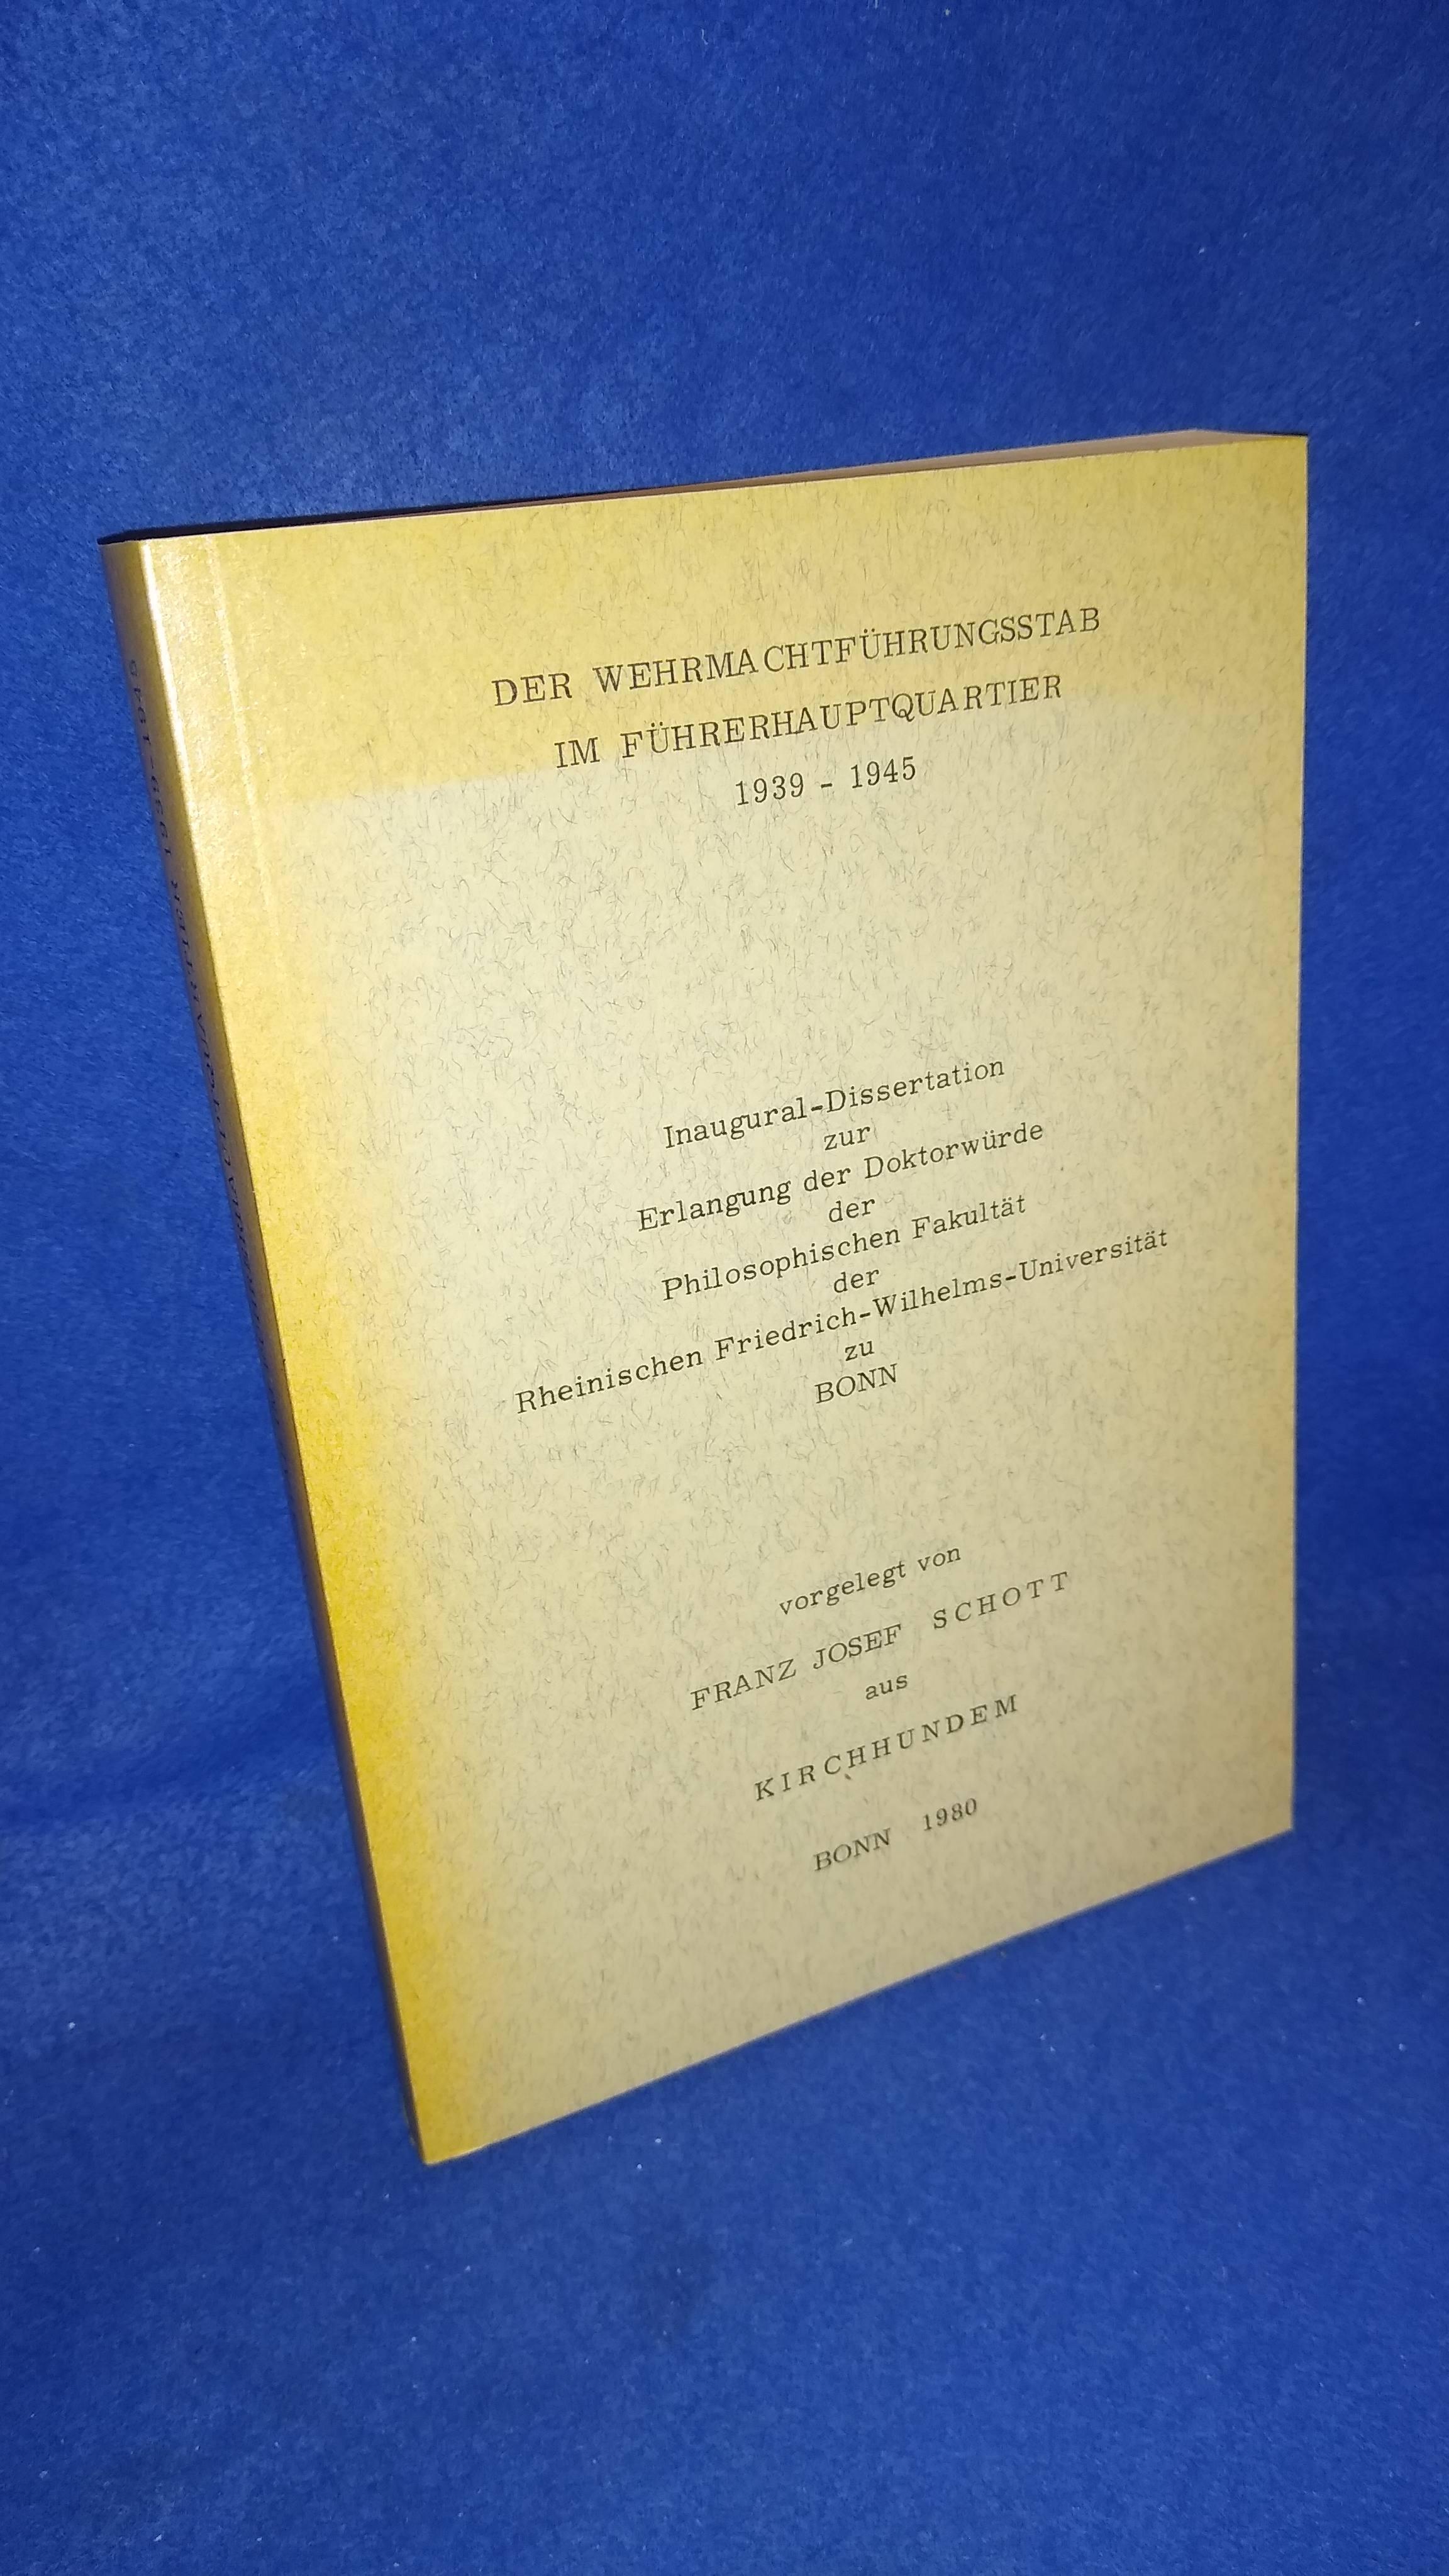 Der Wehrmachtführungsstab im Führerhauptquartier 1939 - 1945. Inaugural-Dissertation. Selten!